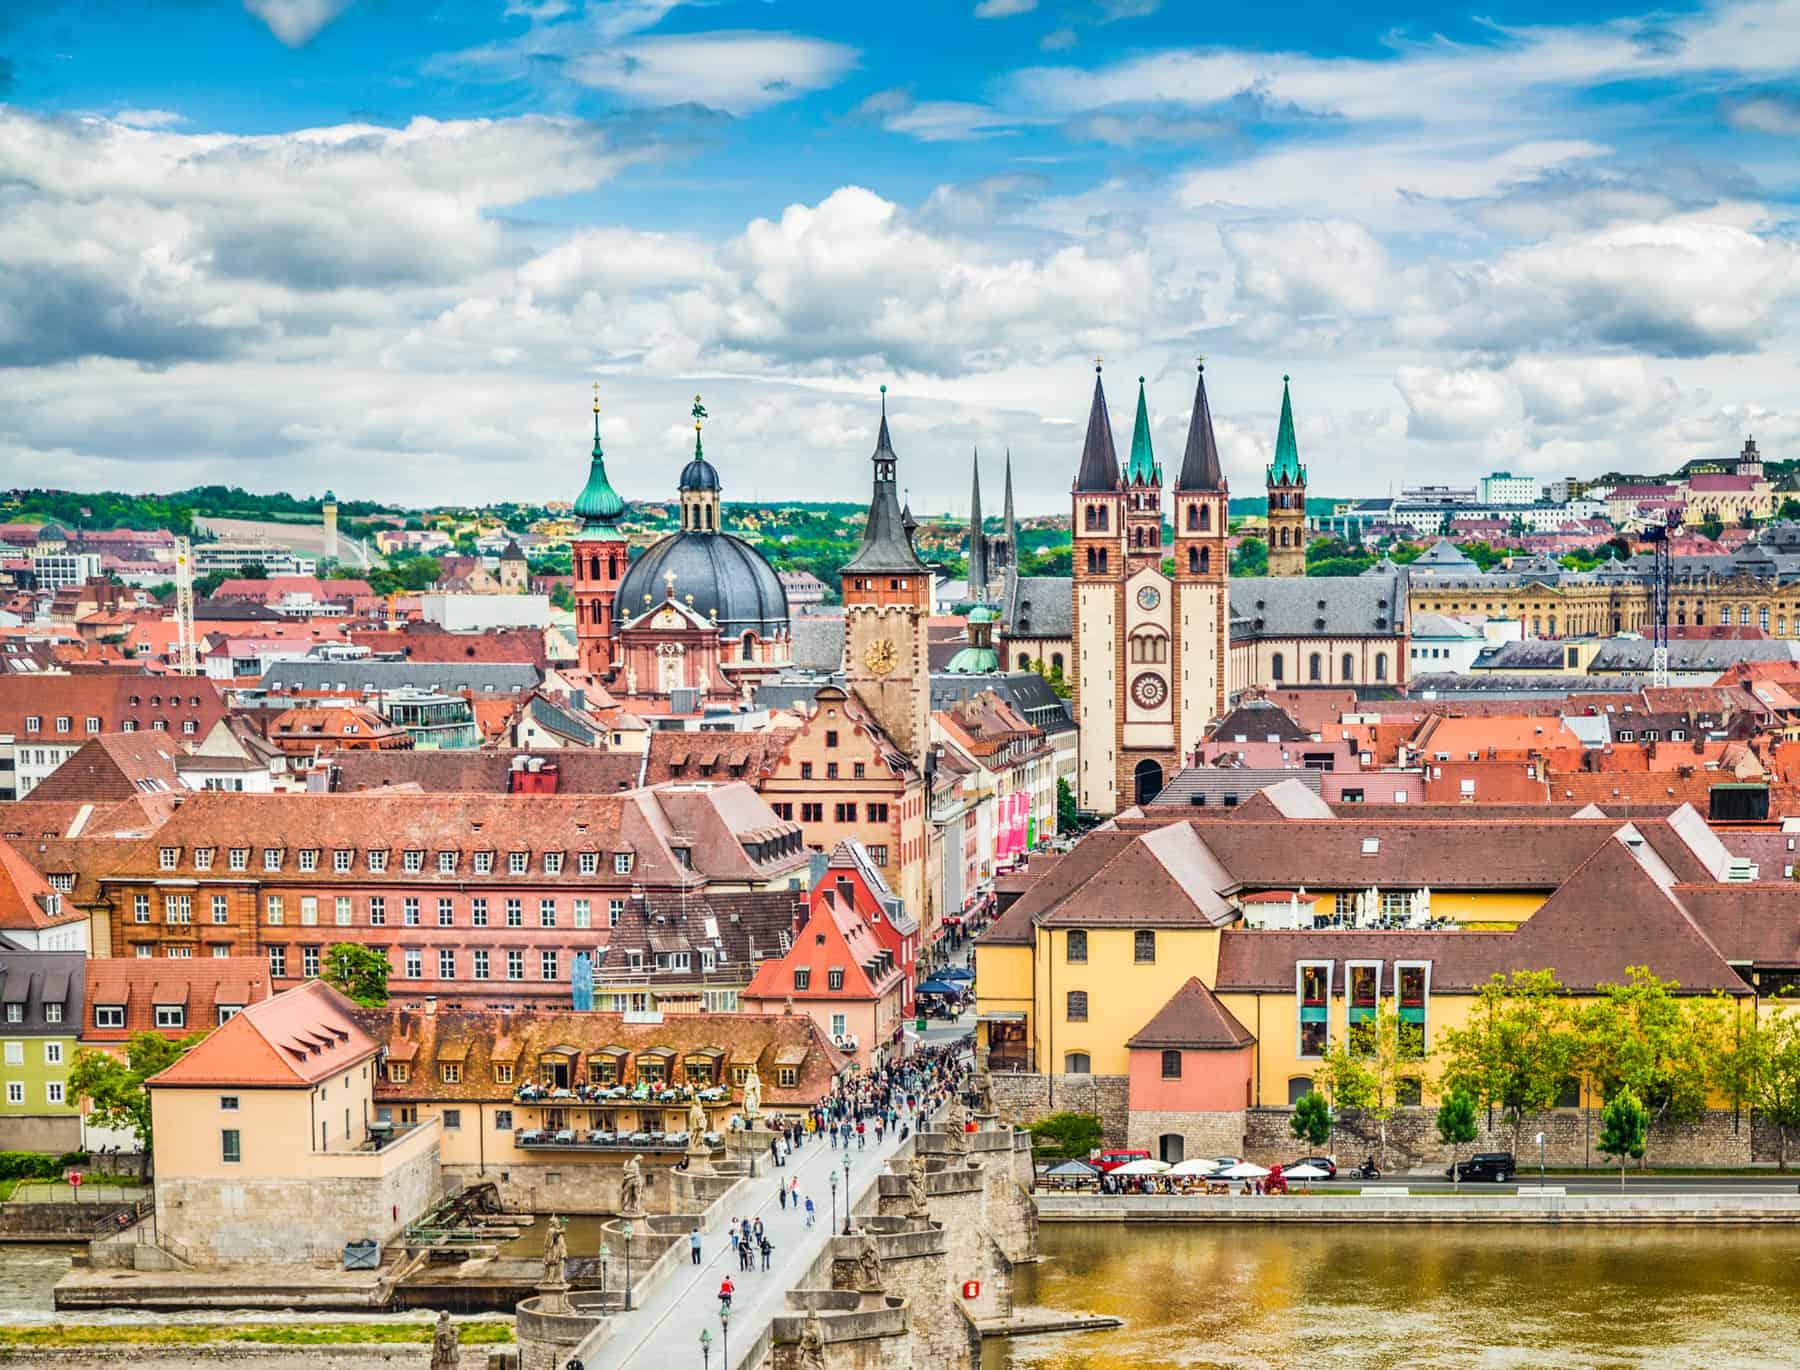 BAVARIA - Partenza Travel creates luxury vacations to Germany